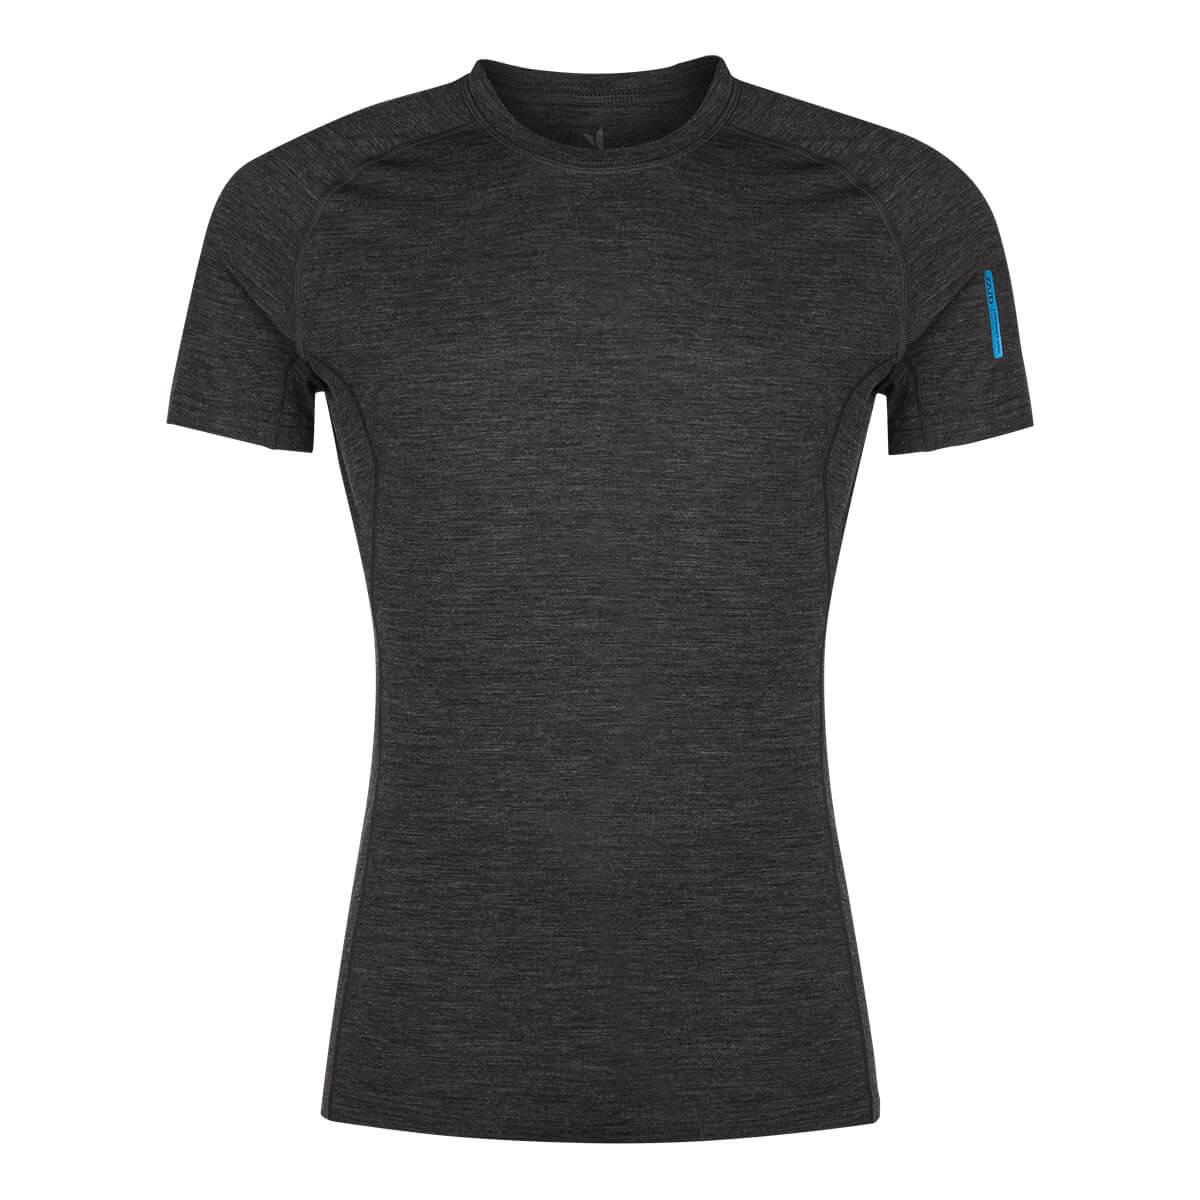 Pánske tričko Zajo Bjorn Merino Nylon T-shirt SS Black - veľkosť XS